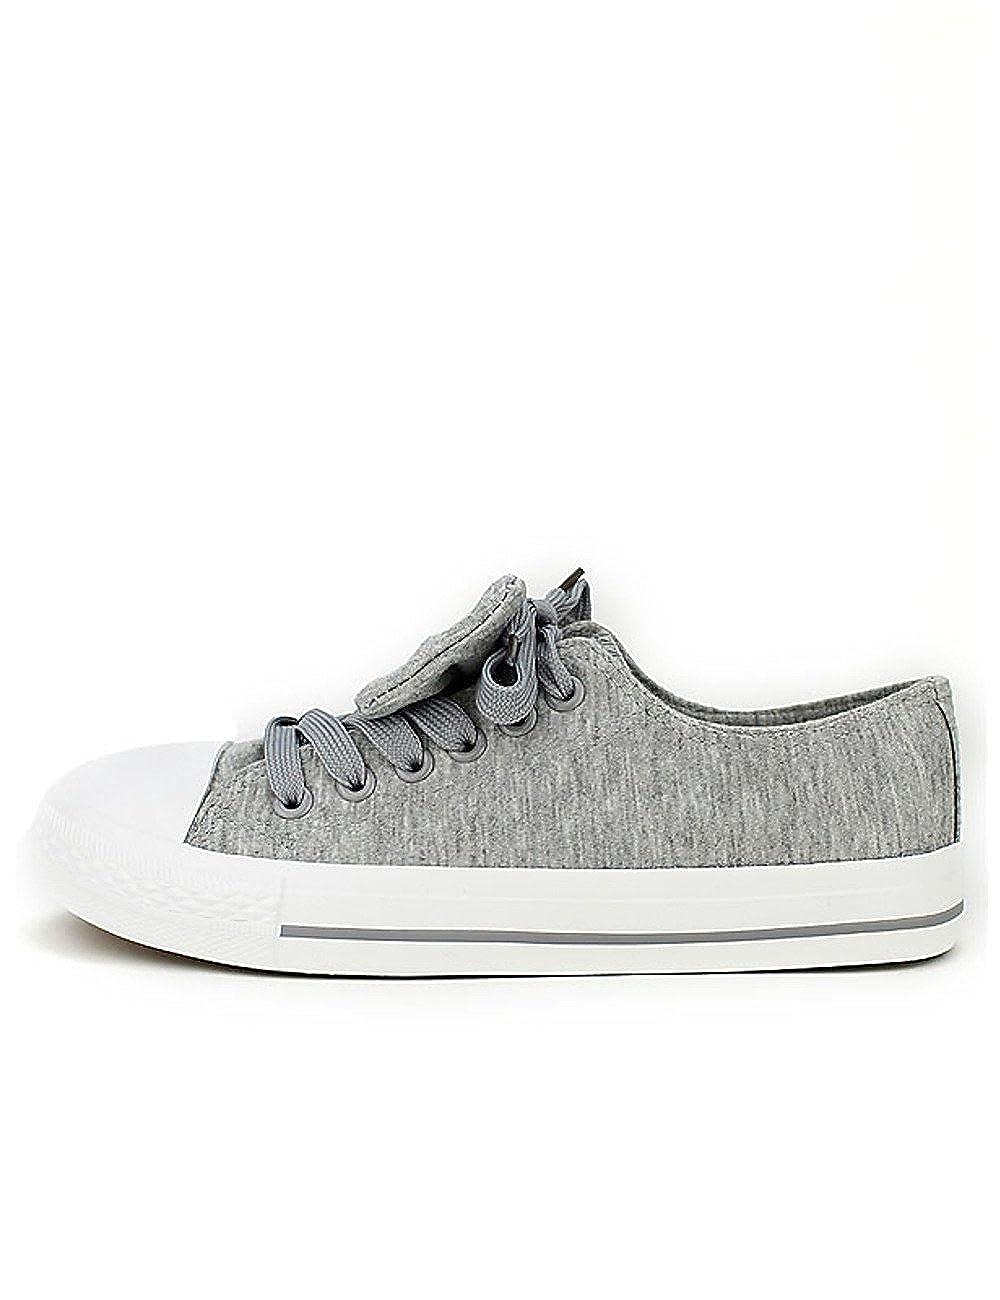 Cendriyon, Baskets Grises Baskets Coton Gris BELLOS avec Noeud Chaussures Chaussures Femme Gris 51d7986 - boatplans.space